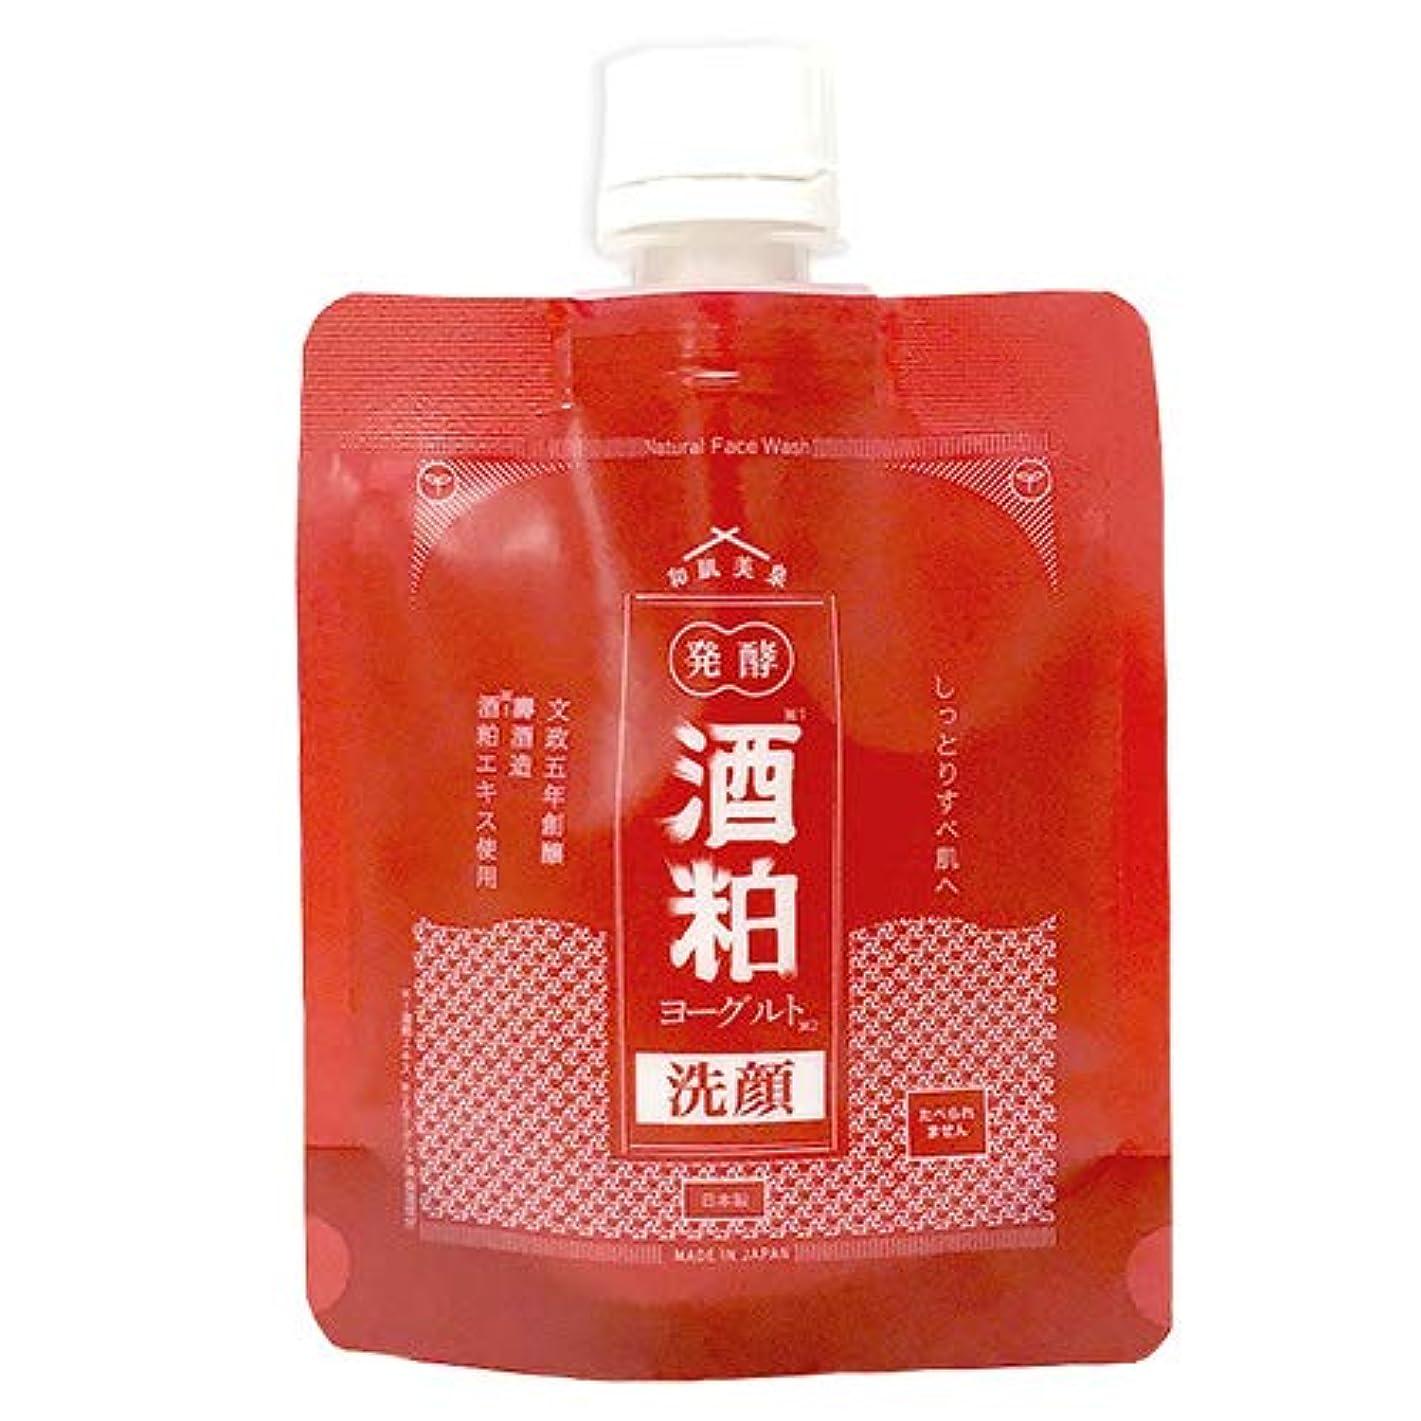 凍結段落逆に和肌美泉 発酵•酒粕ヨーグルト洗顔 100g